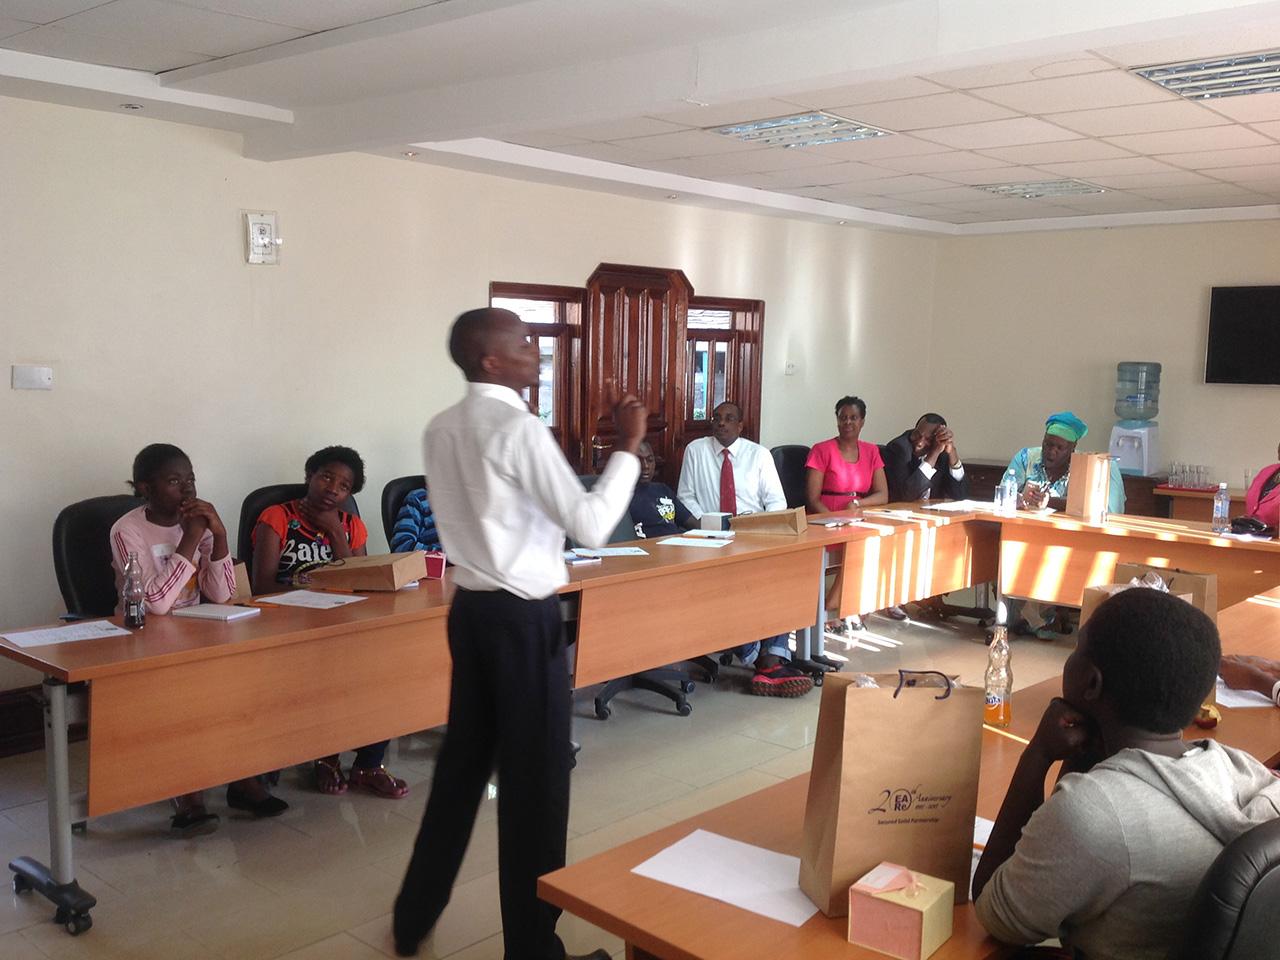 East-africa-reinsurance-top-reinsurance-company-csr